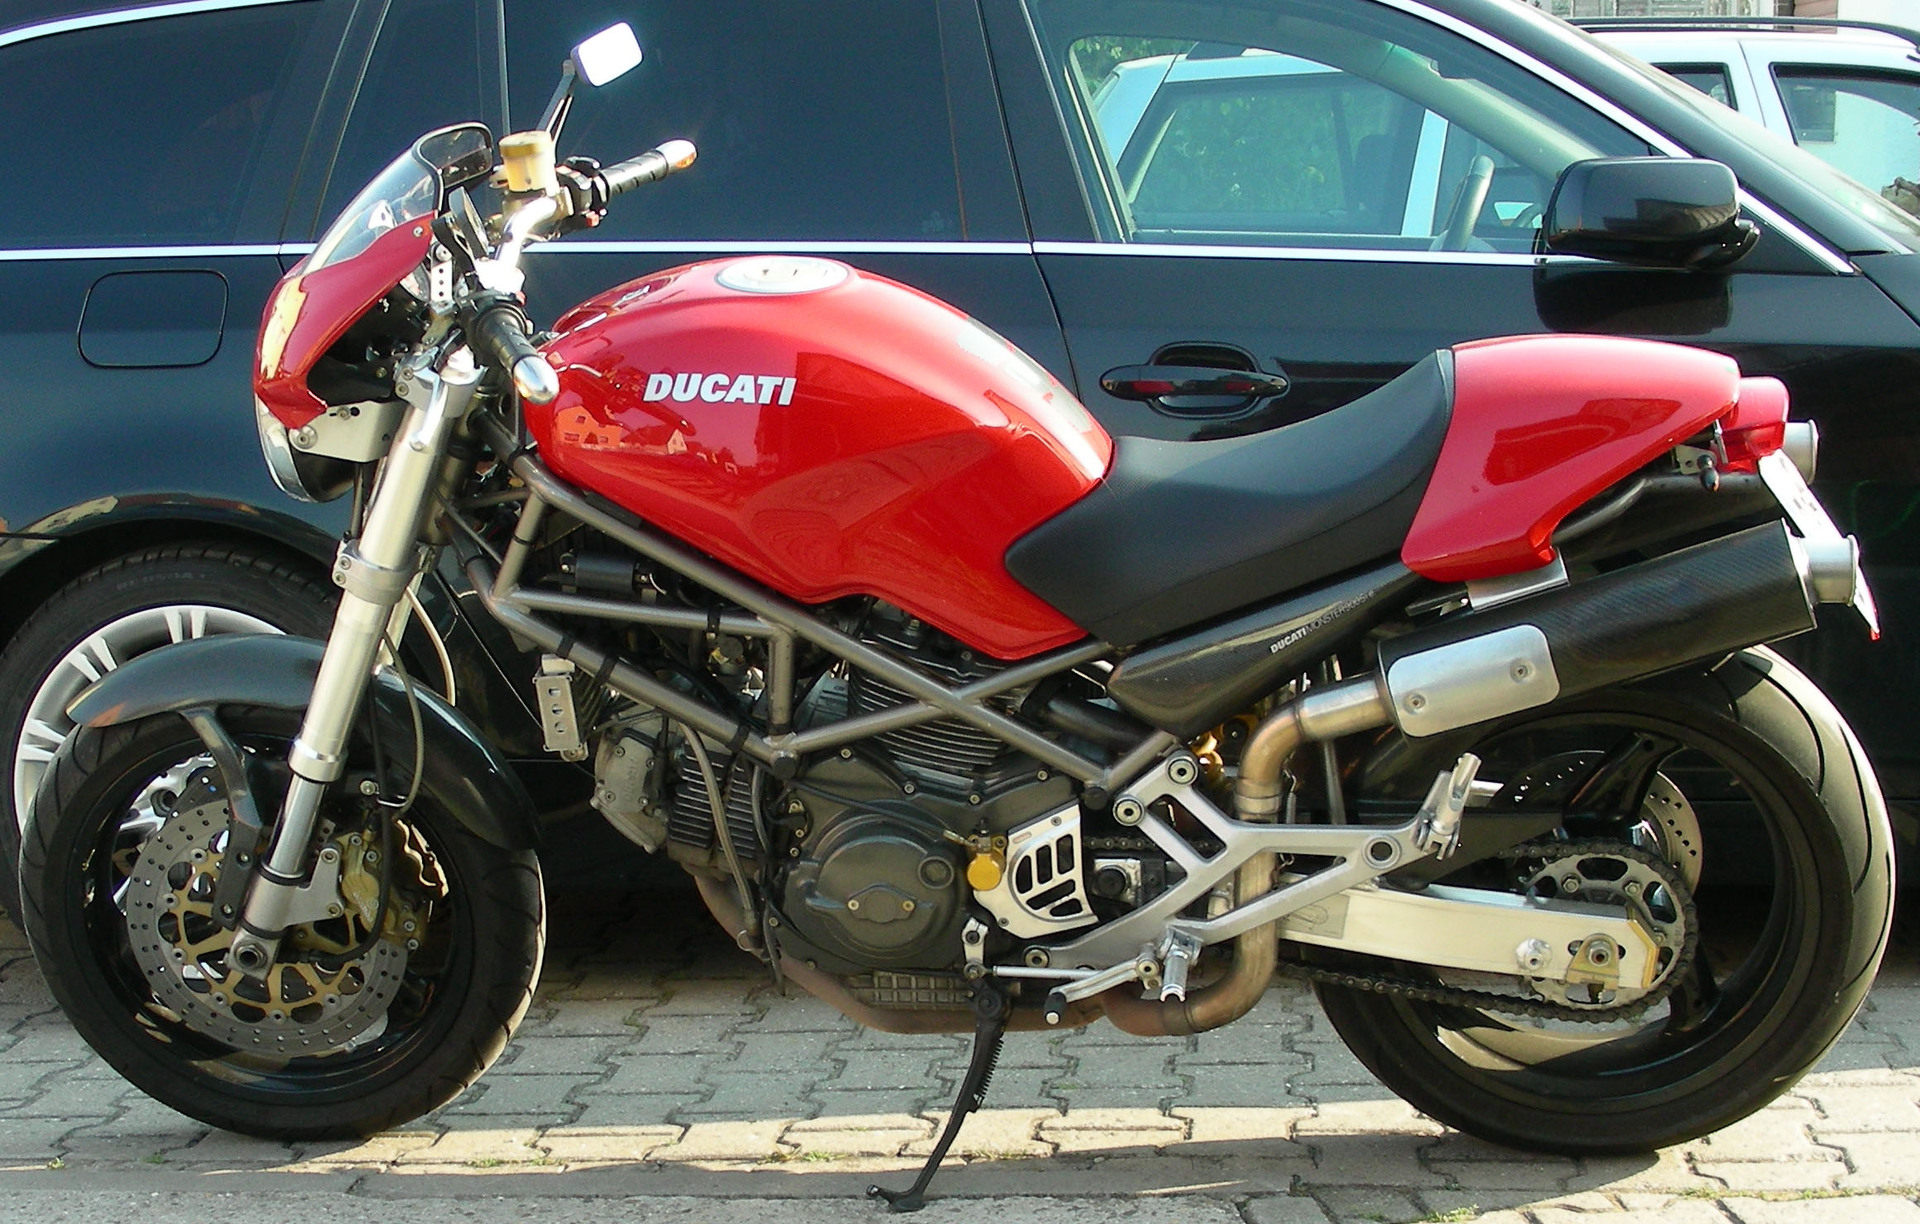 2000 Ducati Monster 900 S i.e.